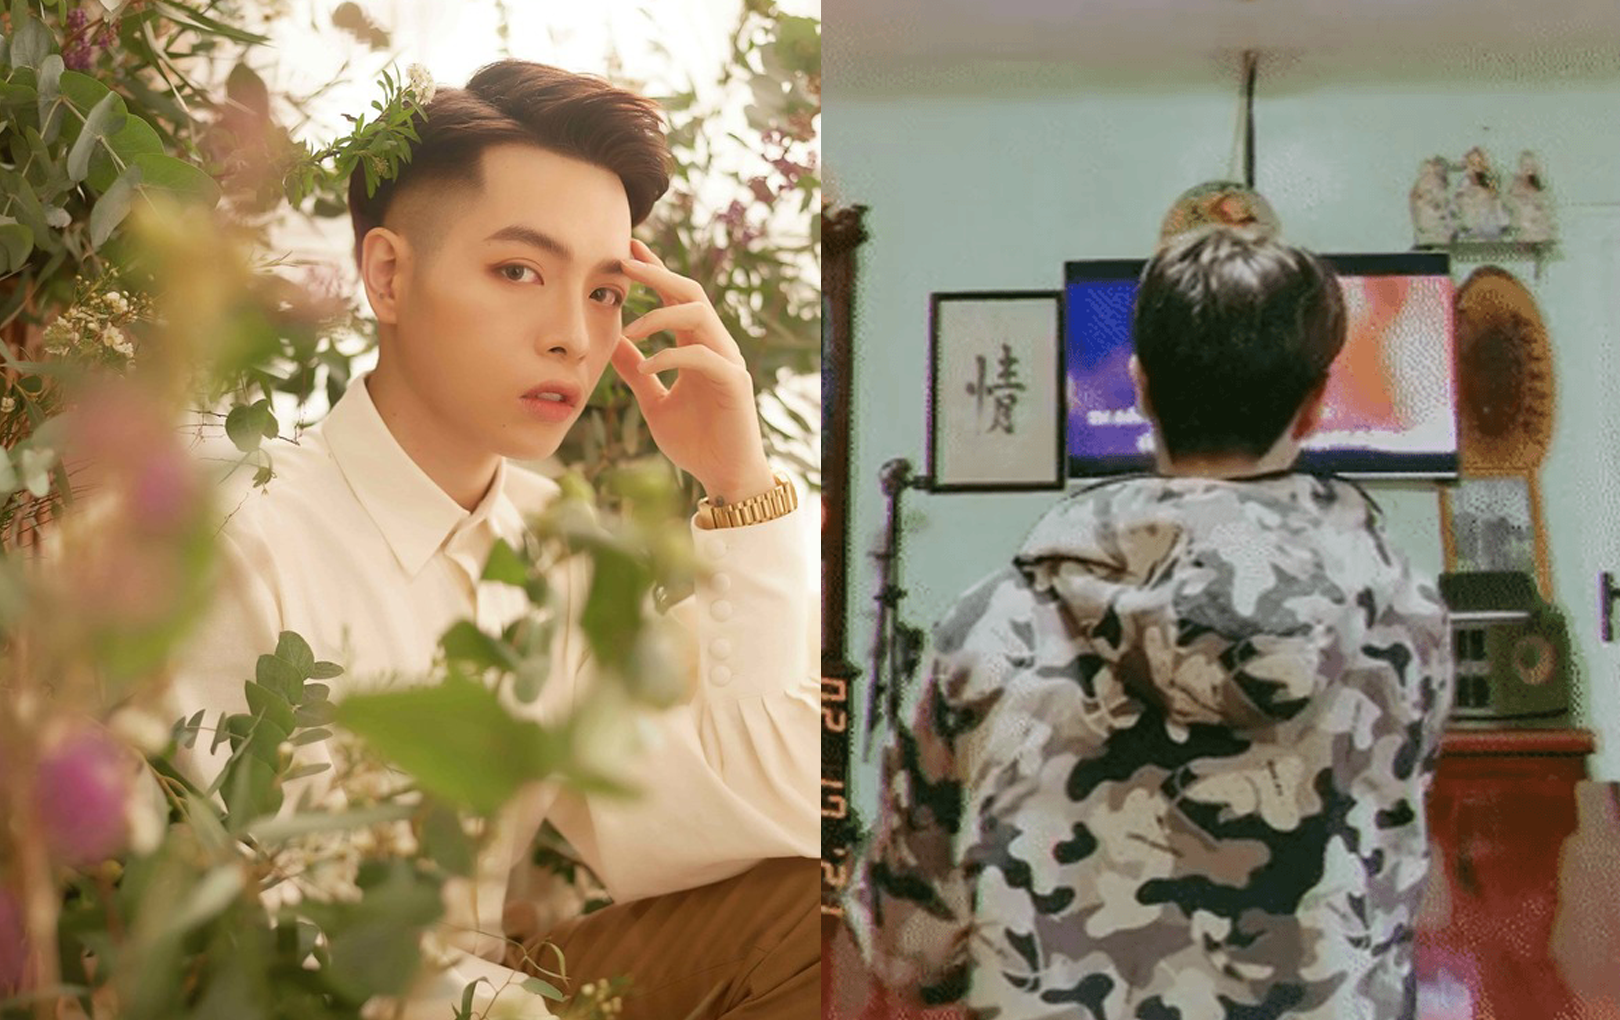 Đức Phúc trổ tài cover hit của Quân A.P song phản ứng của netizen mới gây bất ngờ